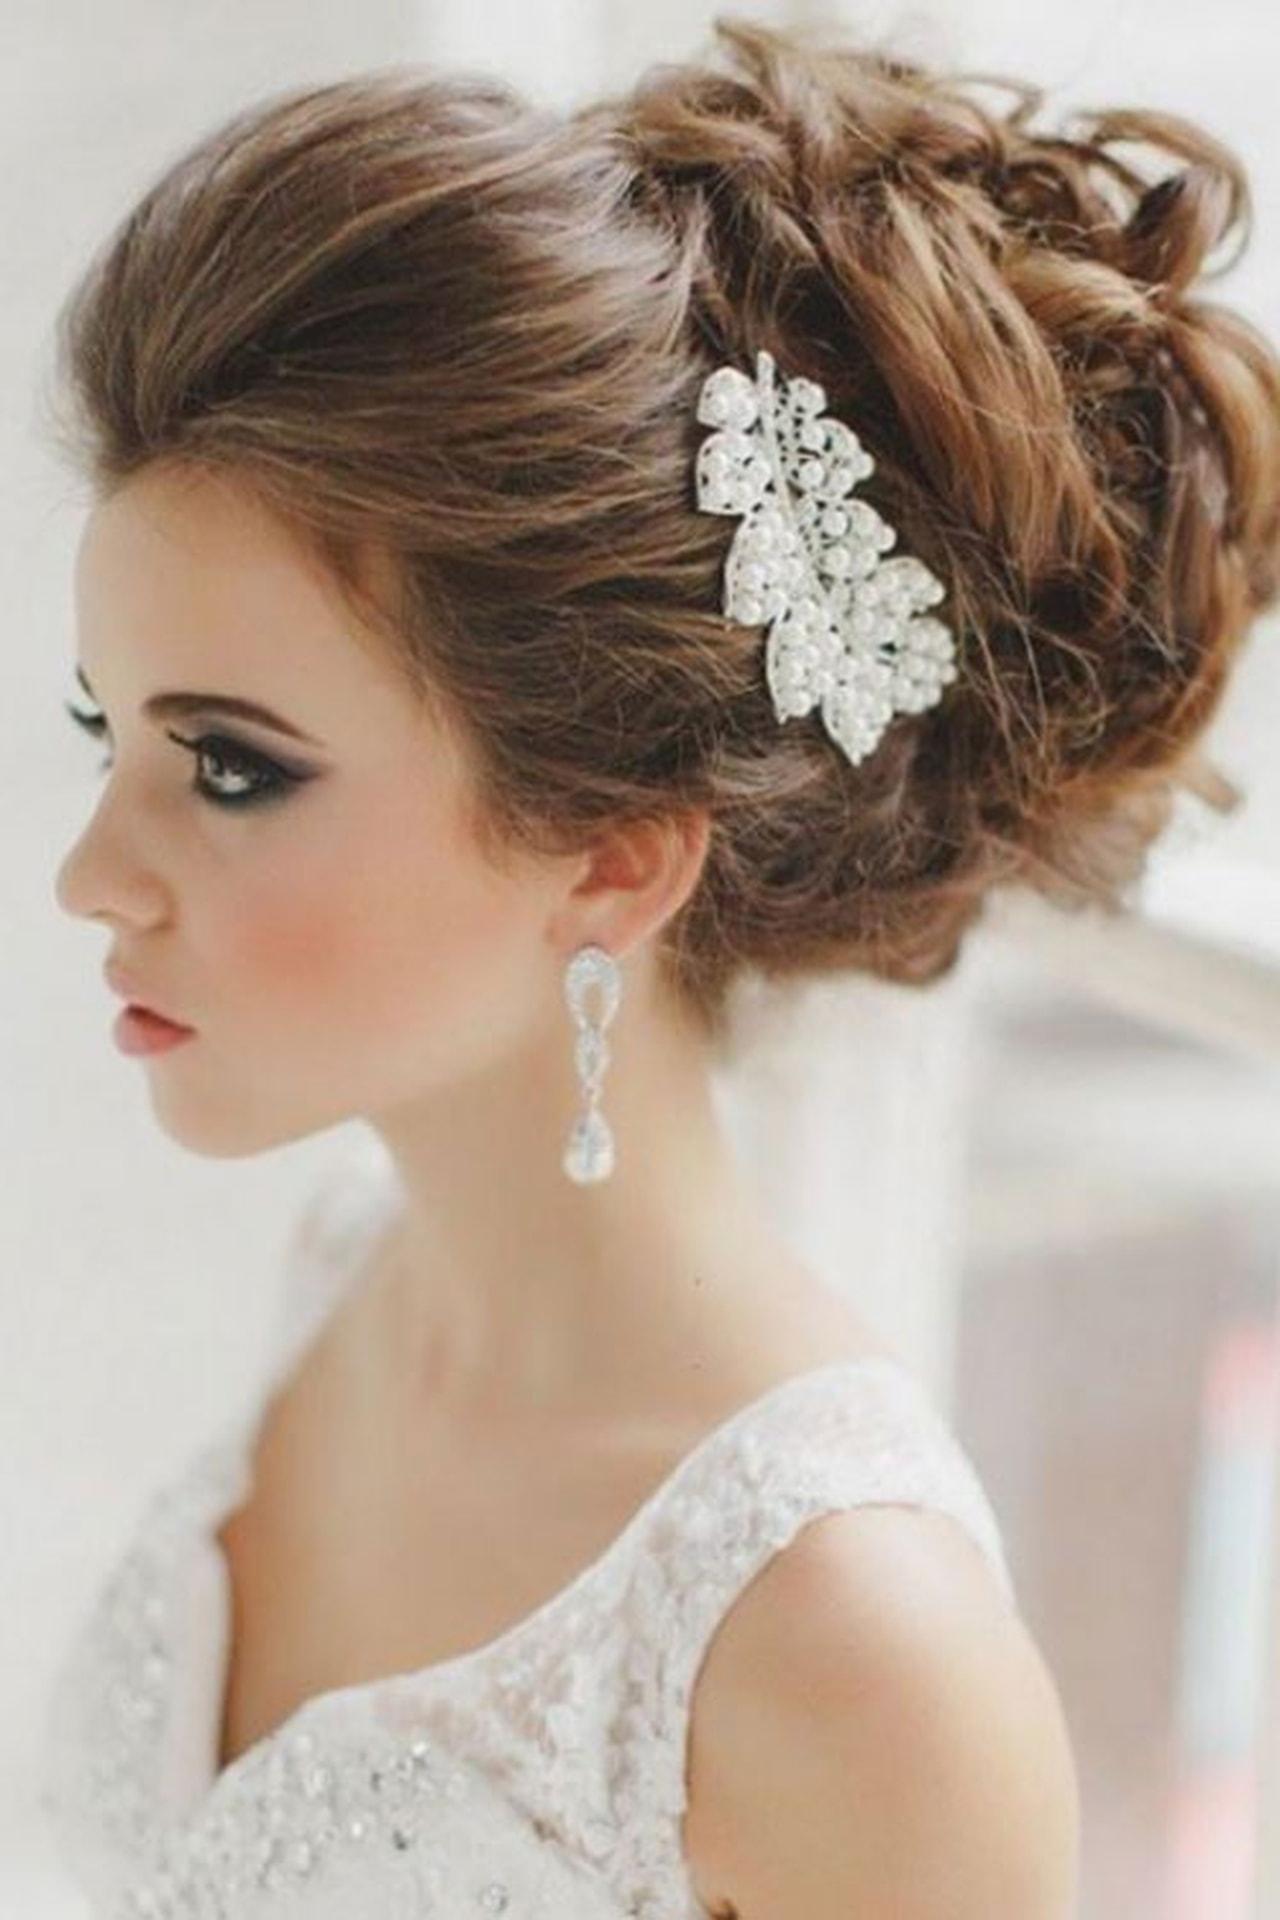 df1344fc4 تسريحه عروس , اجمل الصيحات فى تسريحات العروسة - حبيبي